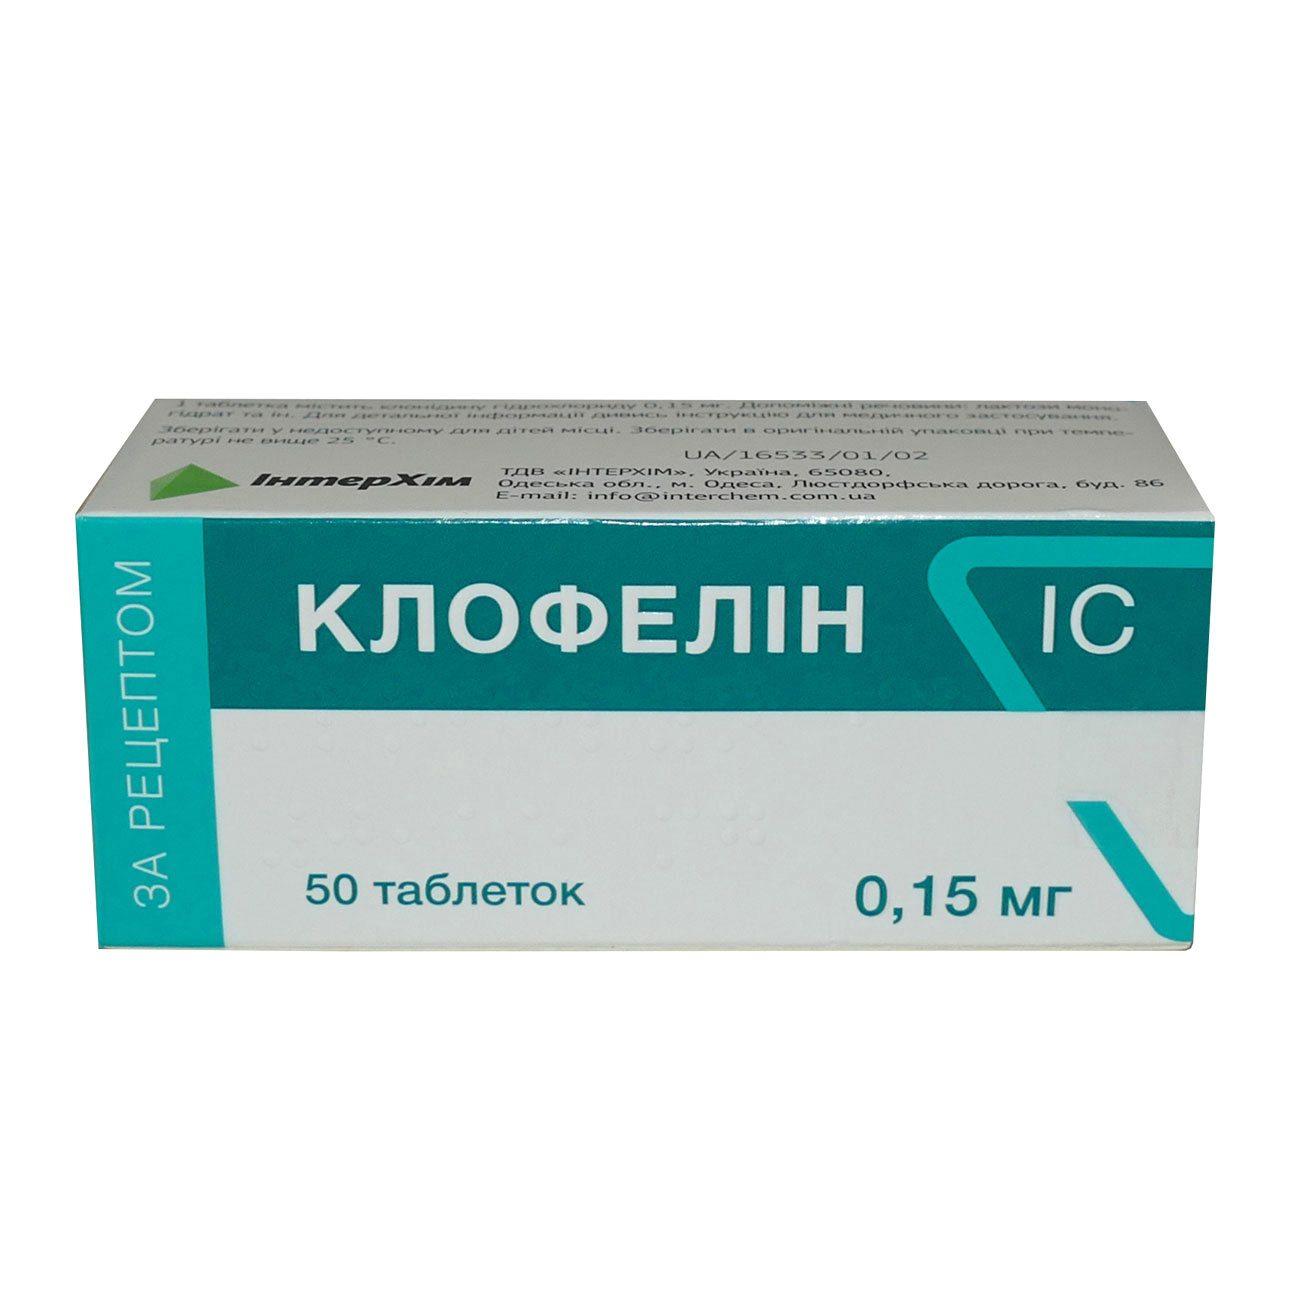 Клофелин: инструкция по применению, для чего назначают, аналоги лекарства, форма выпуска препарата, последствия передозировки